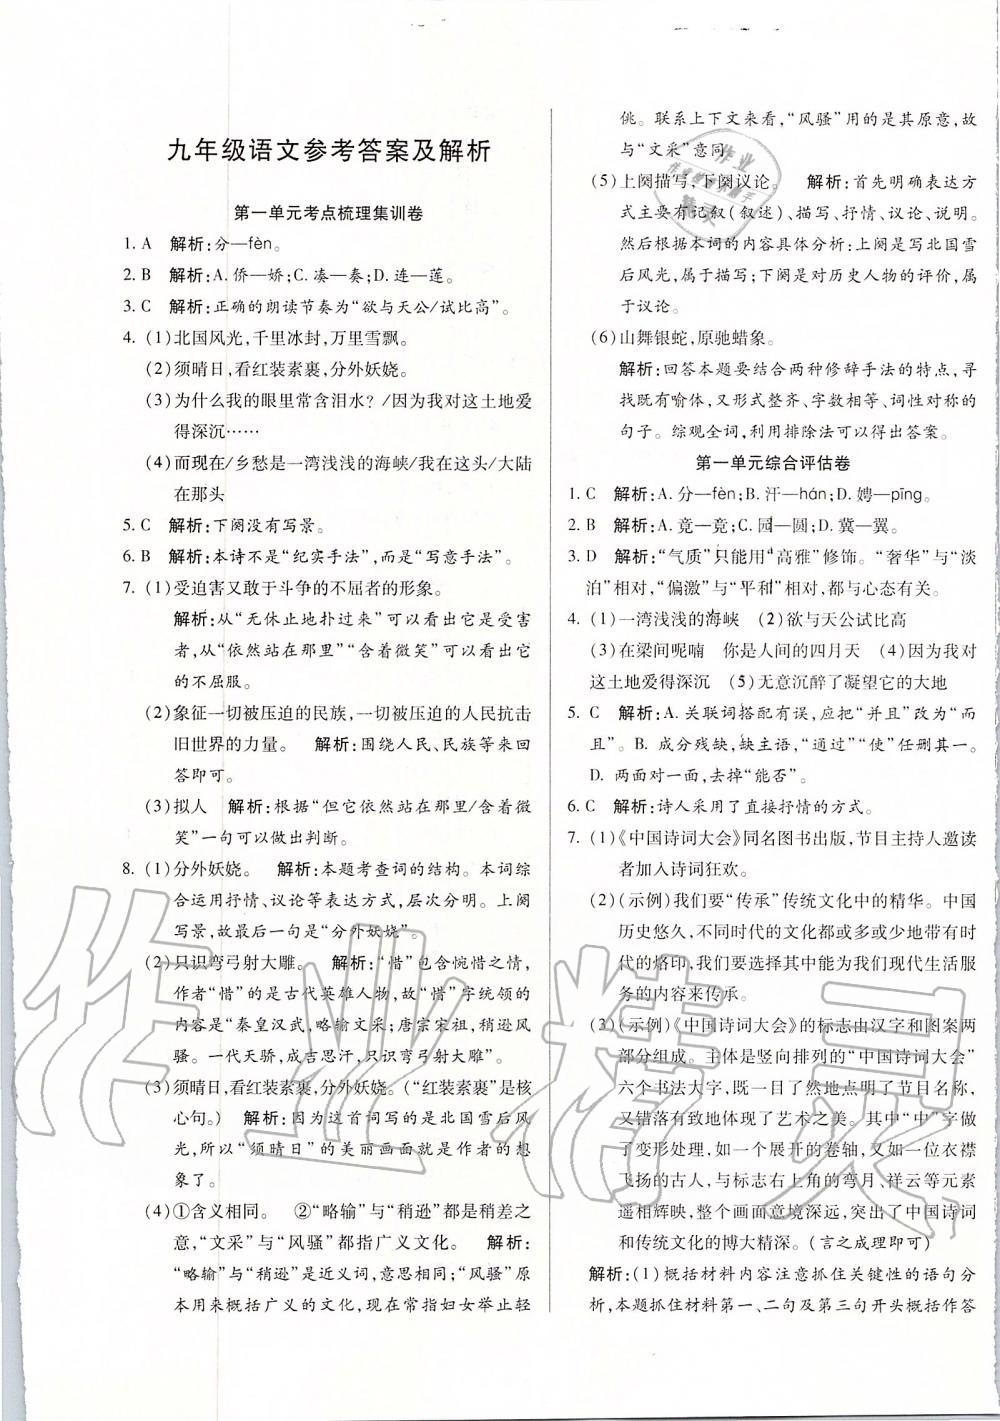 2019年一线调研卷九年级语文上册人教版第1页